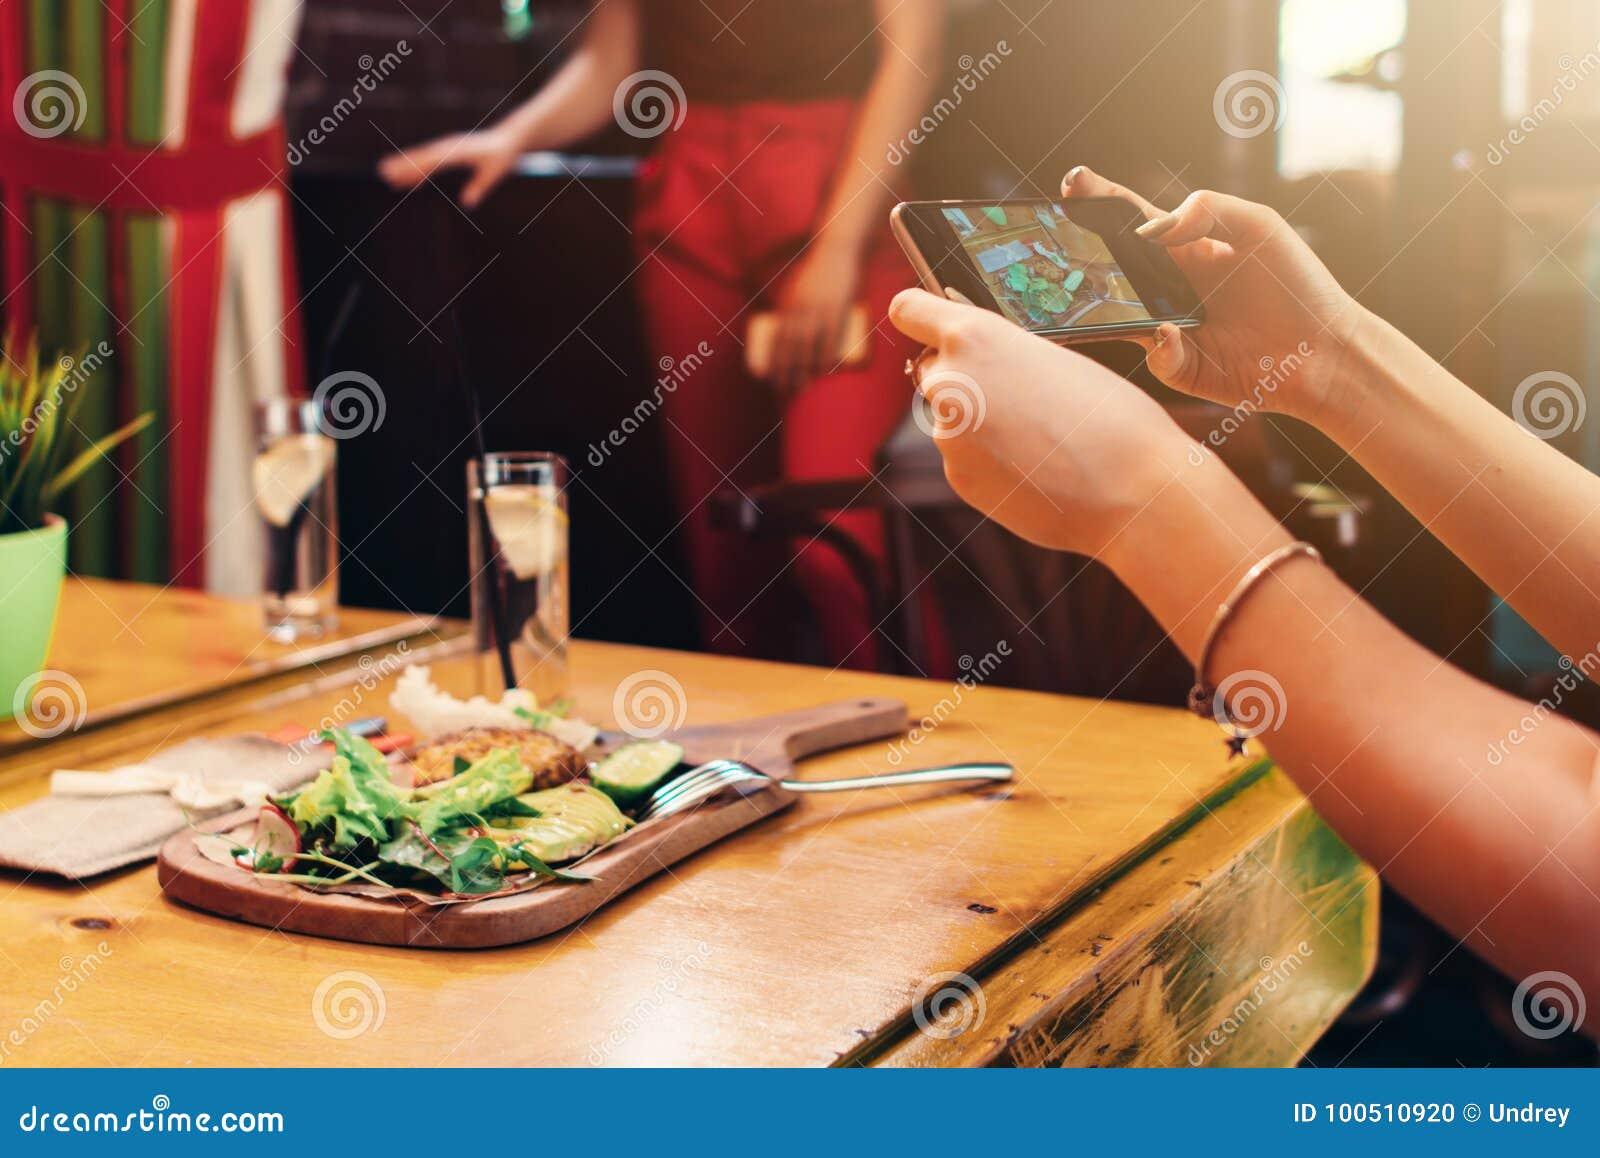 Close-upbeeld die van vrouwelijke handen een mobiele telefoon houden die beeld van gezonde heerlijke schotel in koffie nemen